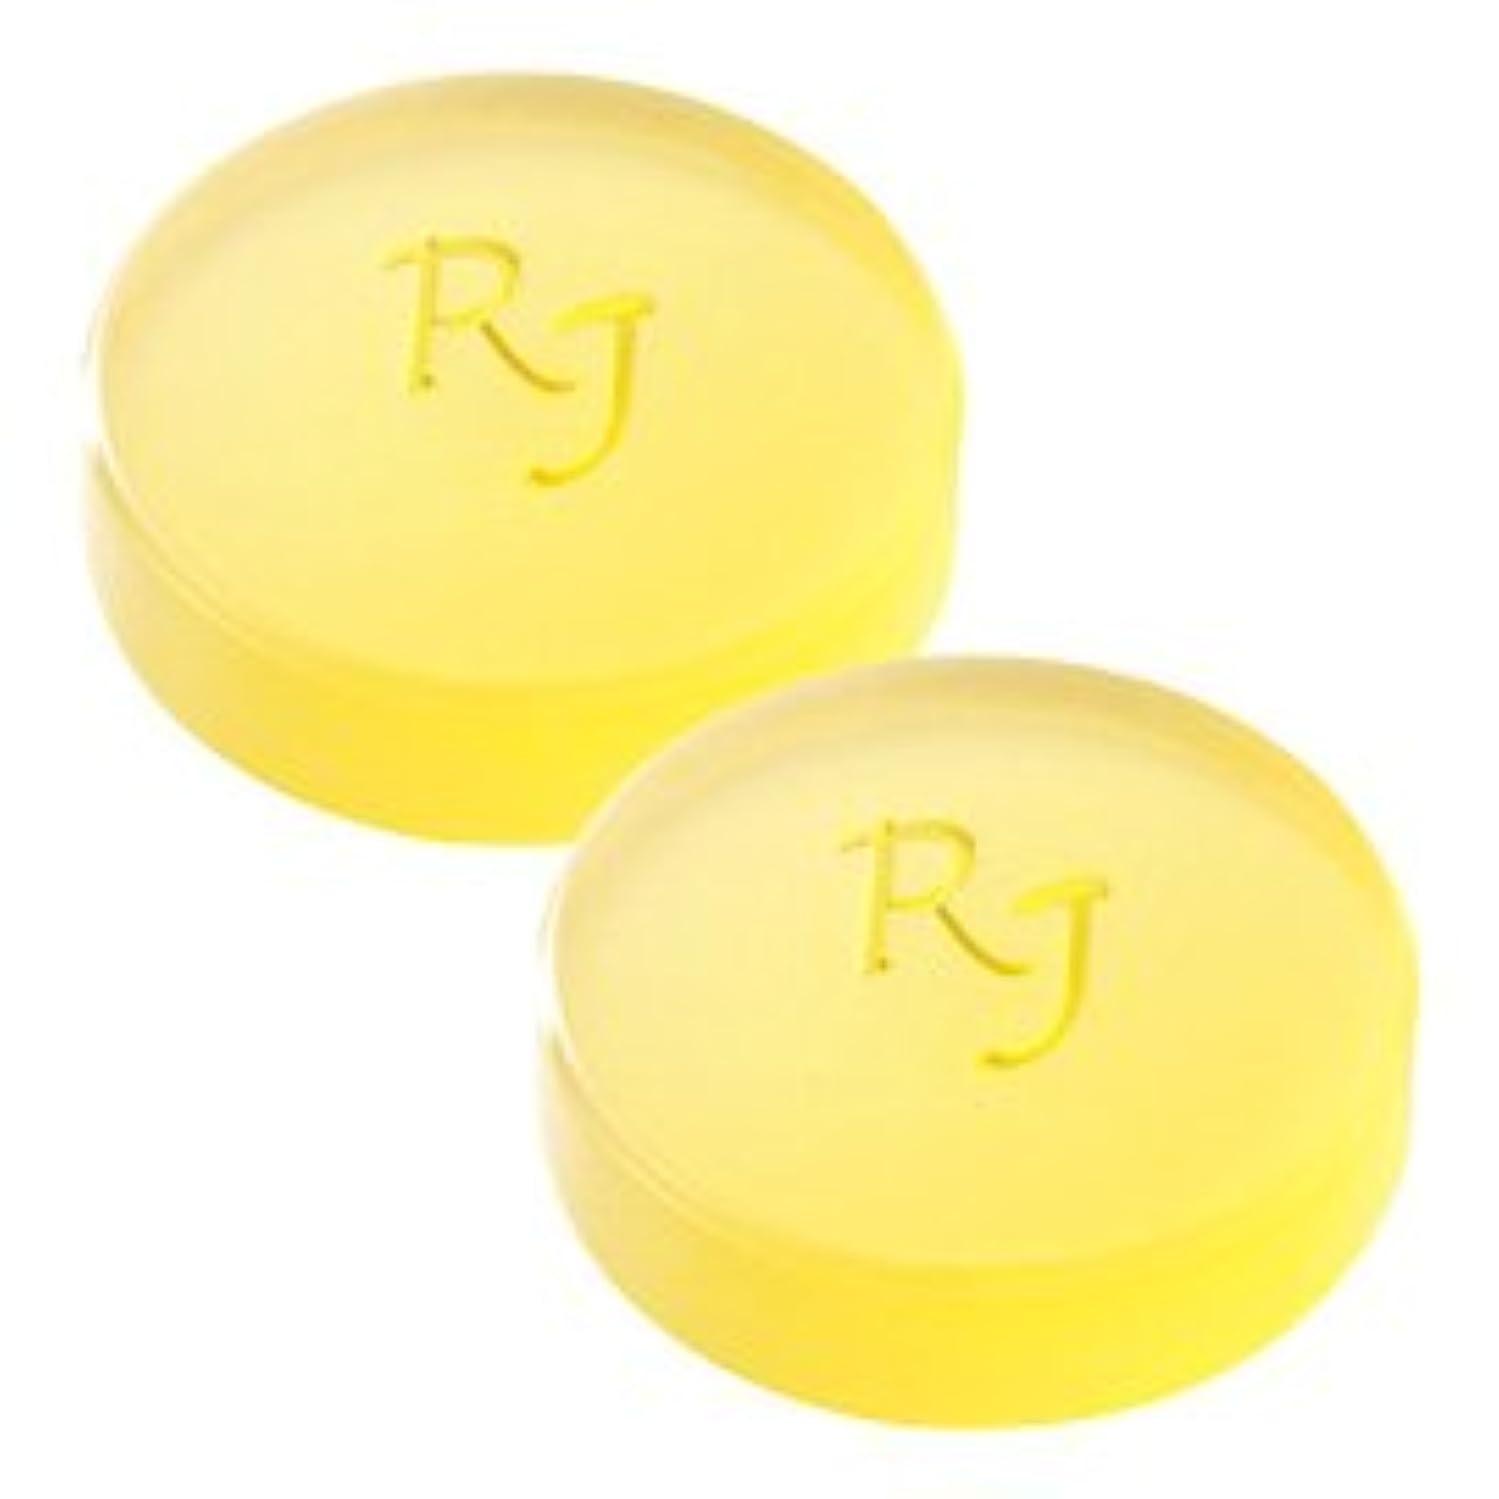 プリーツ早熟艦隊RJスキンケアソープ(洗顔石鹸) 60g×2個 / RJ Skin Care Soap <60g×2>